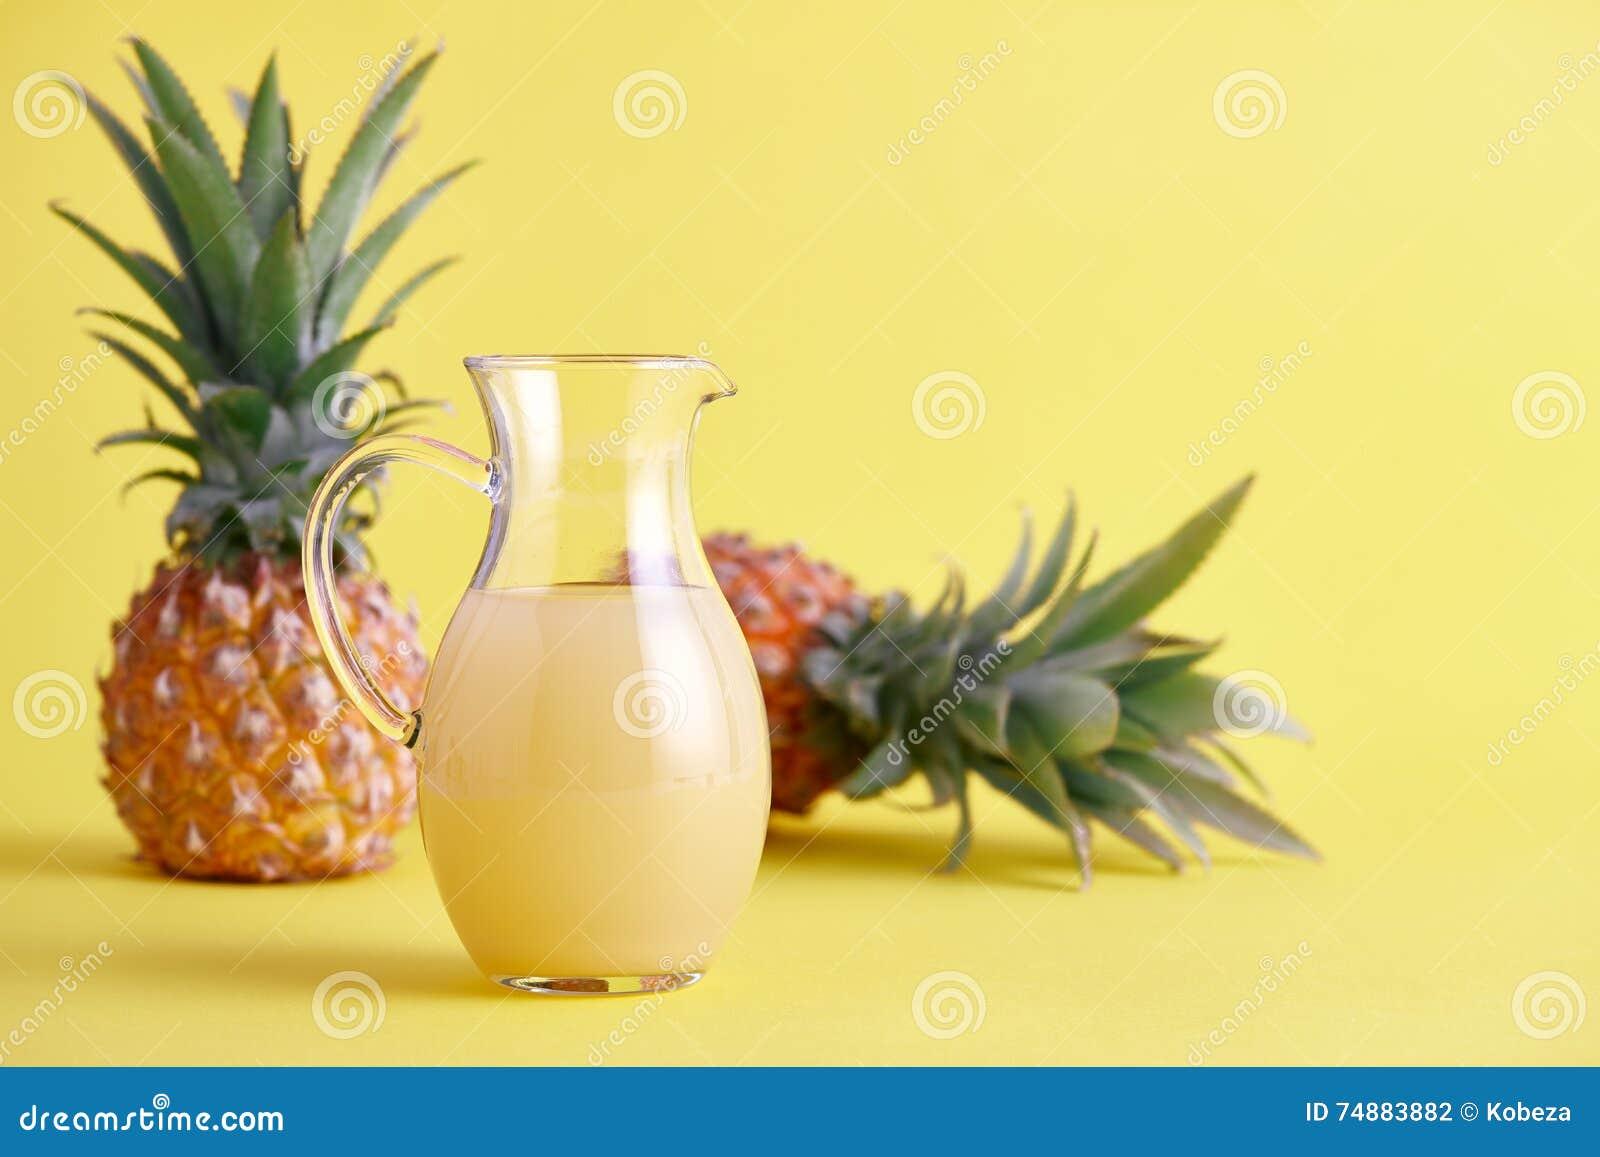 Glaskruik vers ananassap op geel